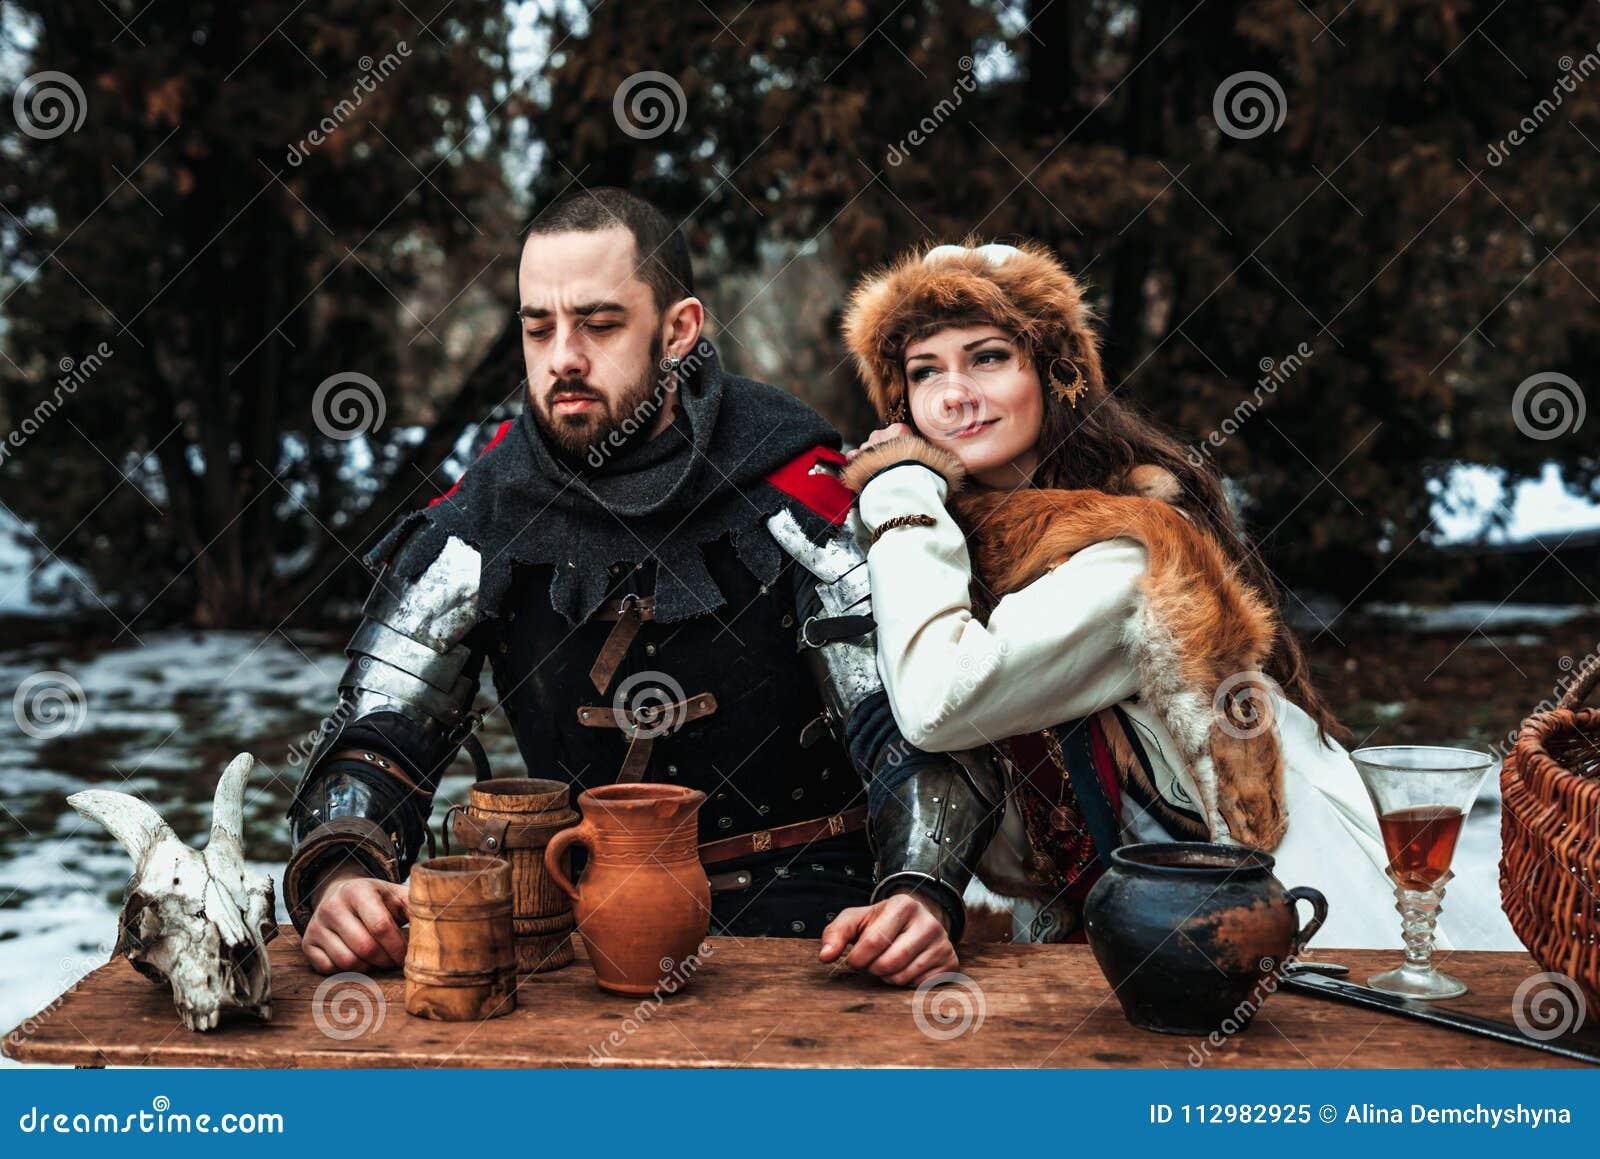 Un homme et une femme dans des costumes historiques s asseyent à une table